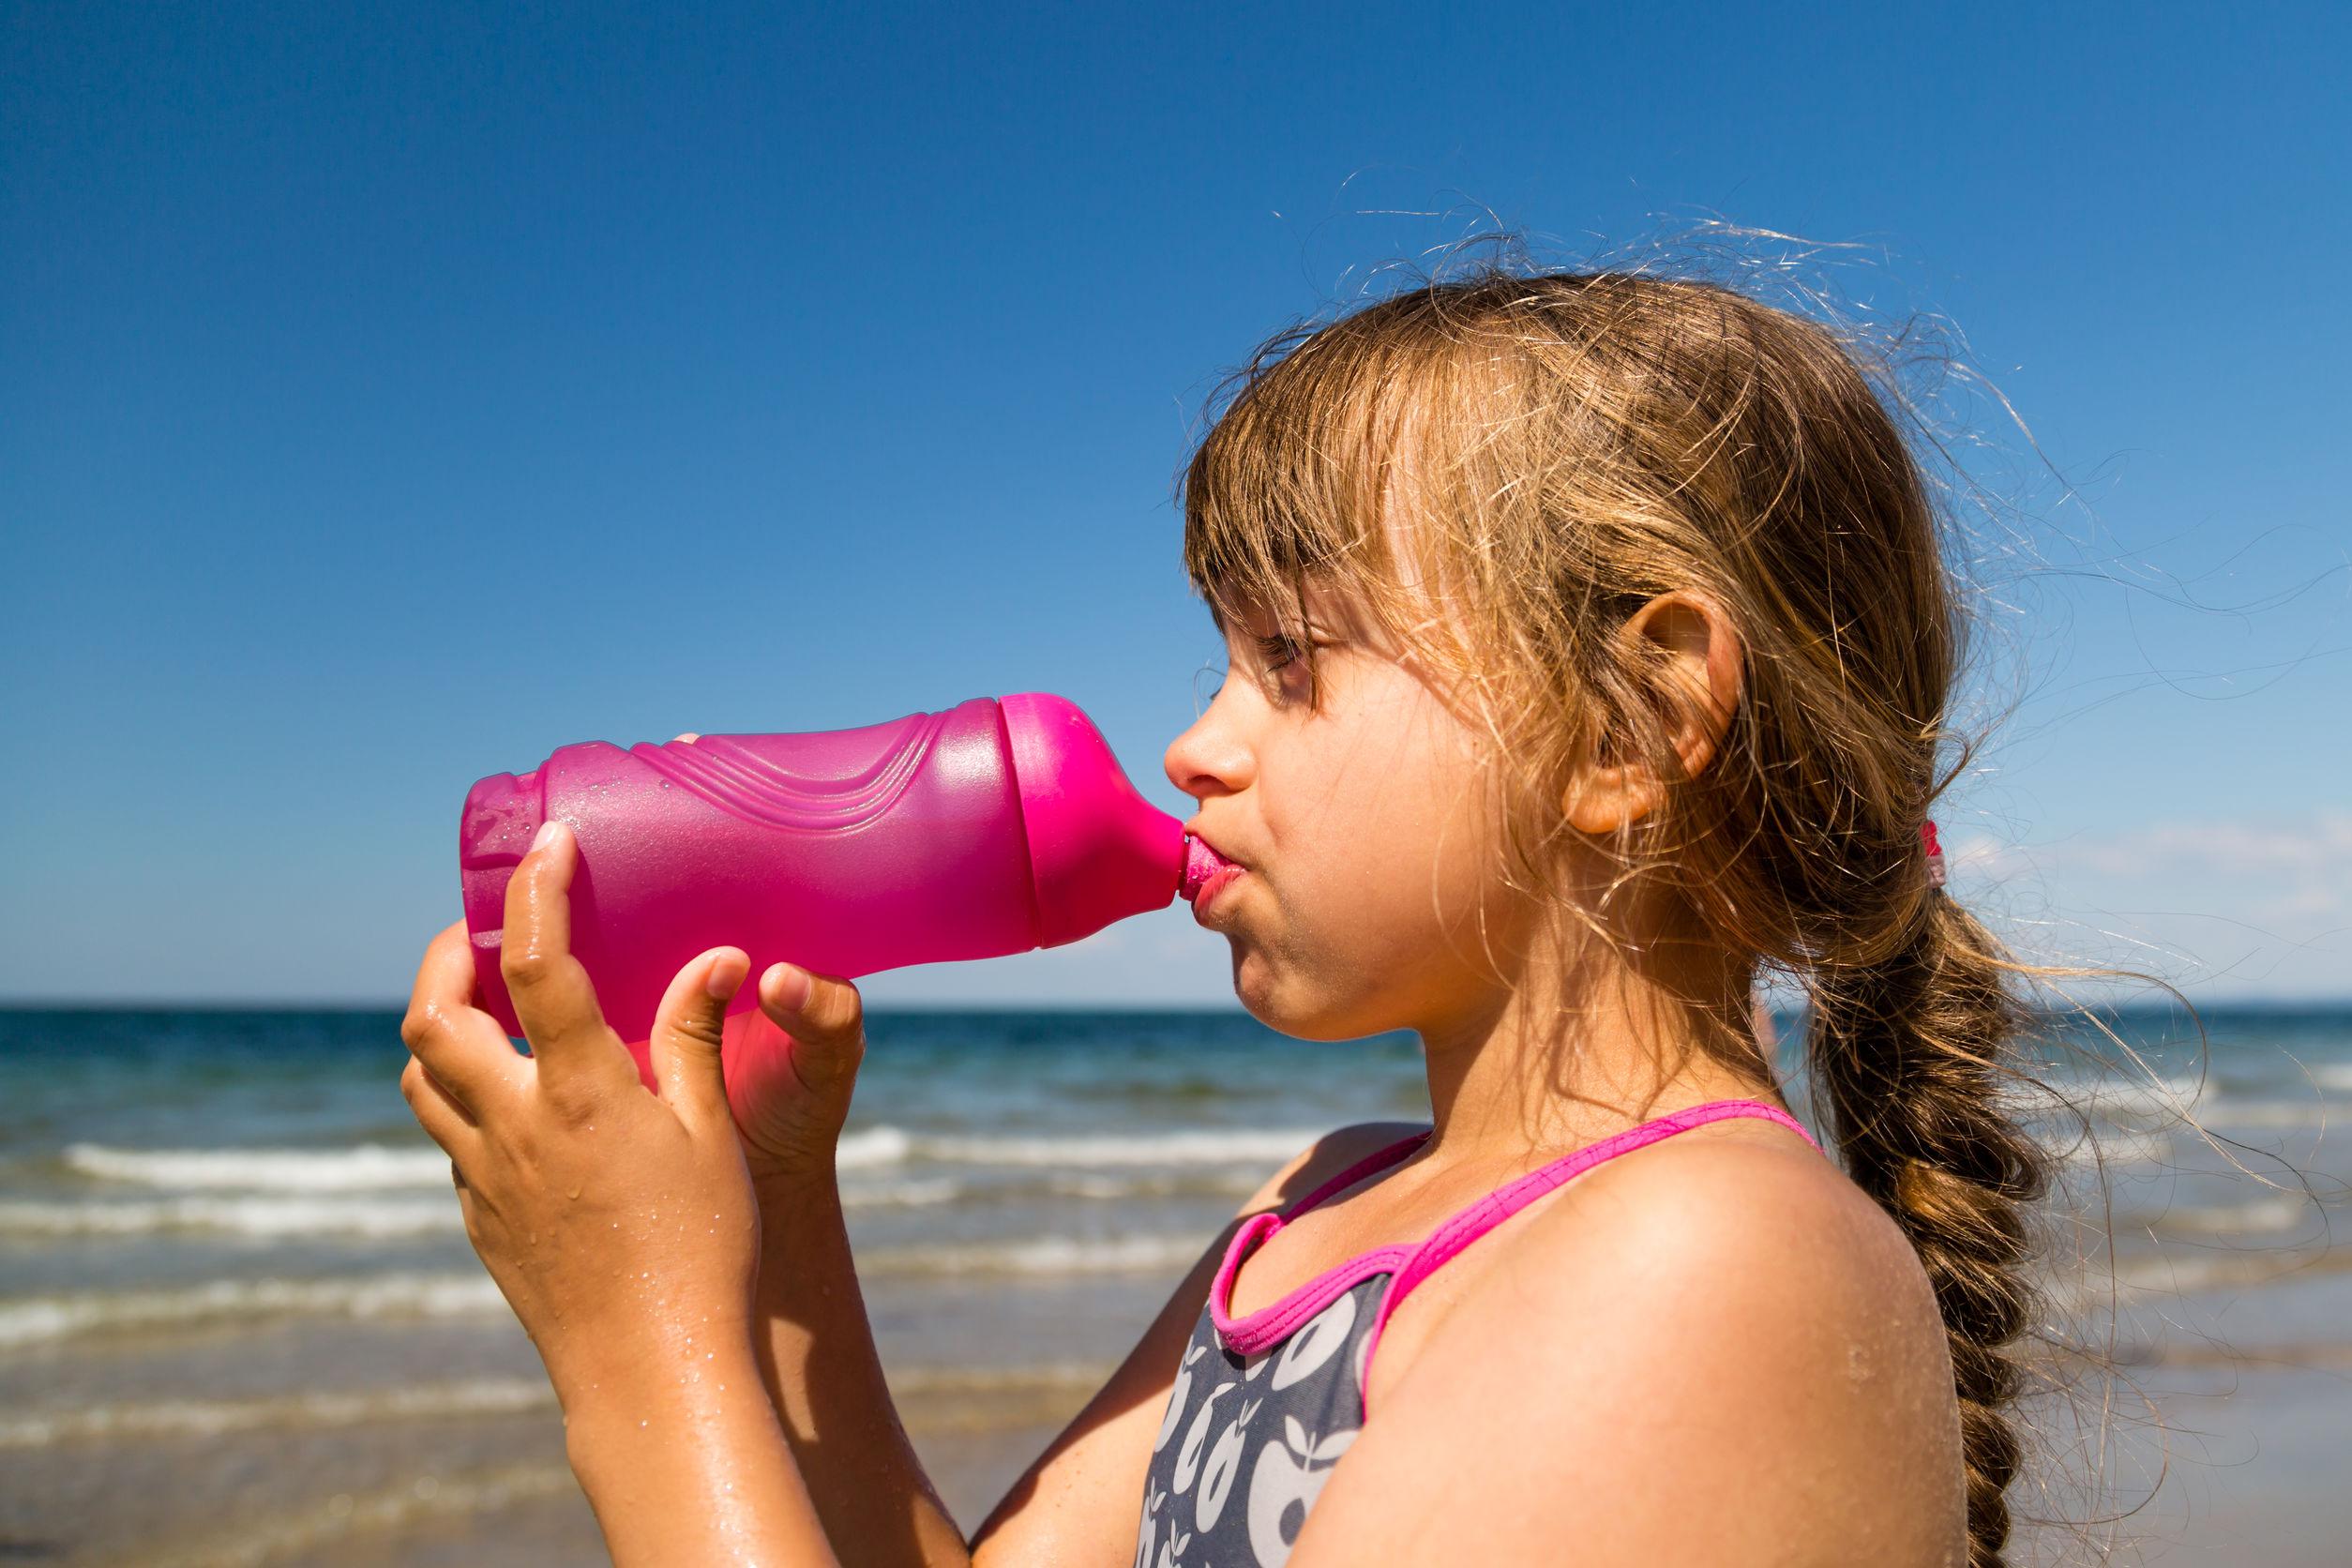 Niña en la playa bebiendo agua de botella